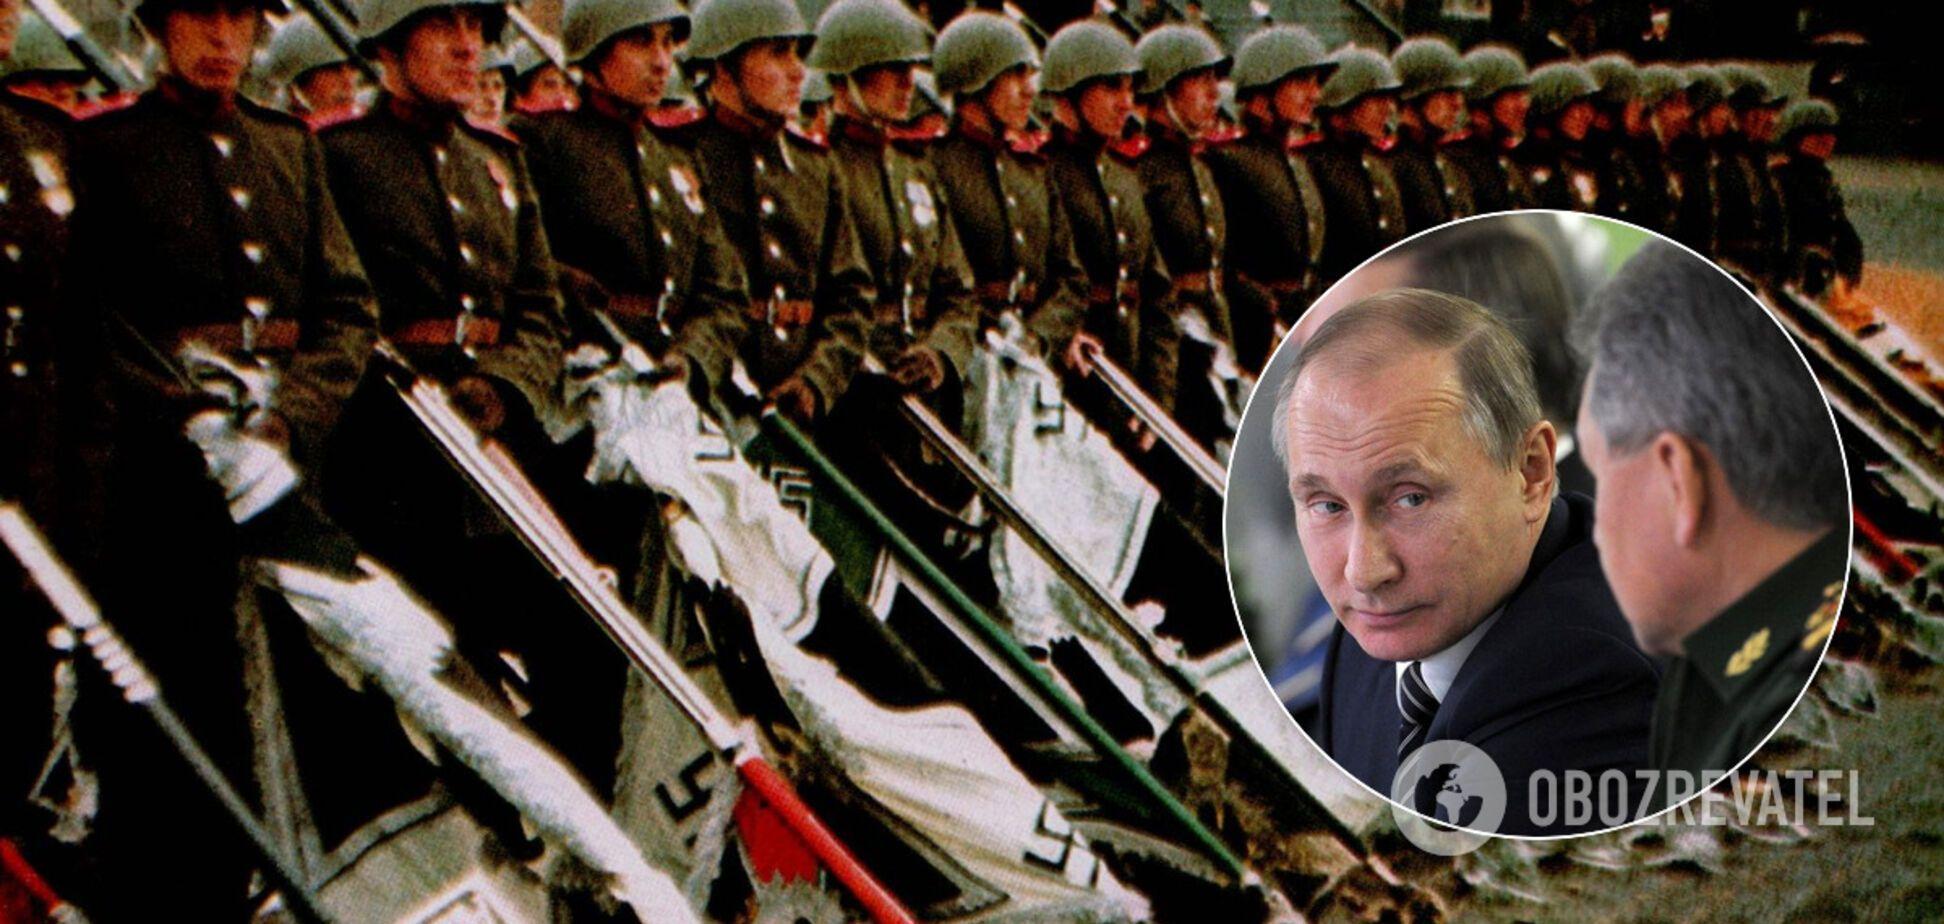 Путін випадково пригрозив світу кривавою війною? Історик пояснив конфуз